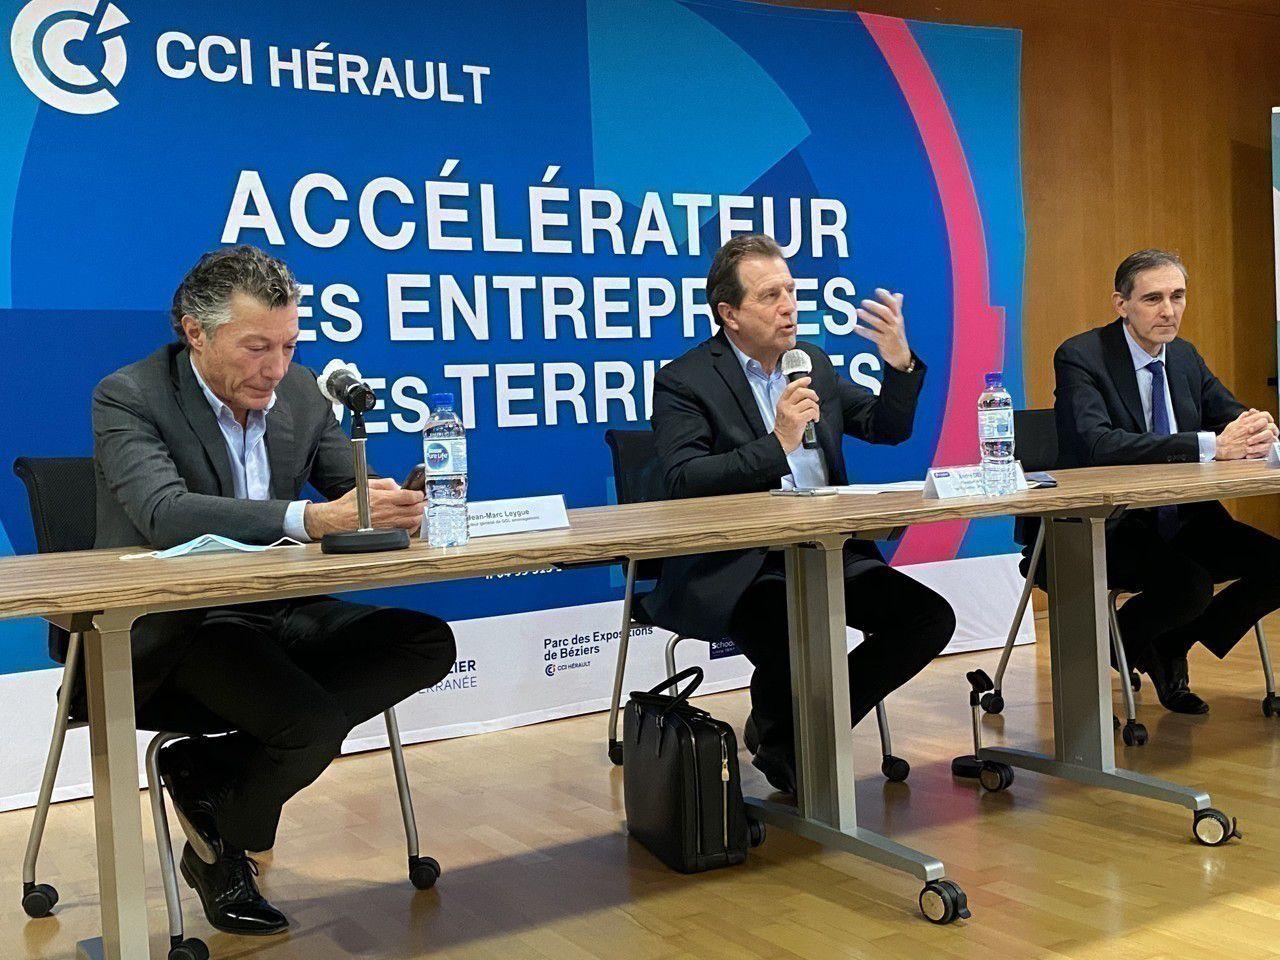 Le président de la CCI Hérault André Deljarry, entouré de Jean-Marc Leygue, PDG de GGL (à sa droite) et de Christian Rouchon, directeur général du Crédit Agricole Languedoc (à sa gauche). (©CCI Hérault)